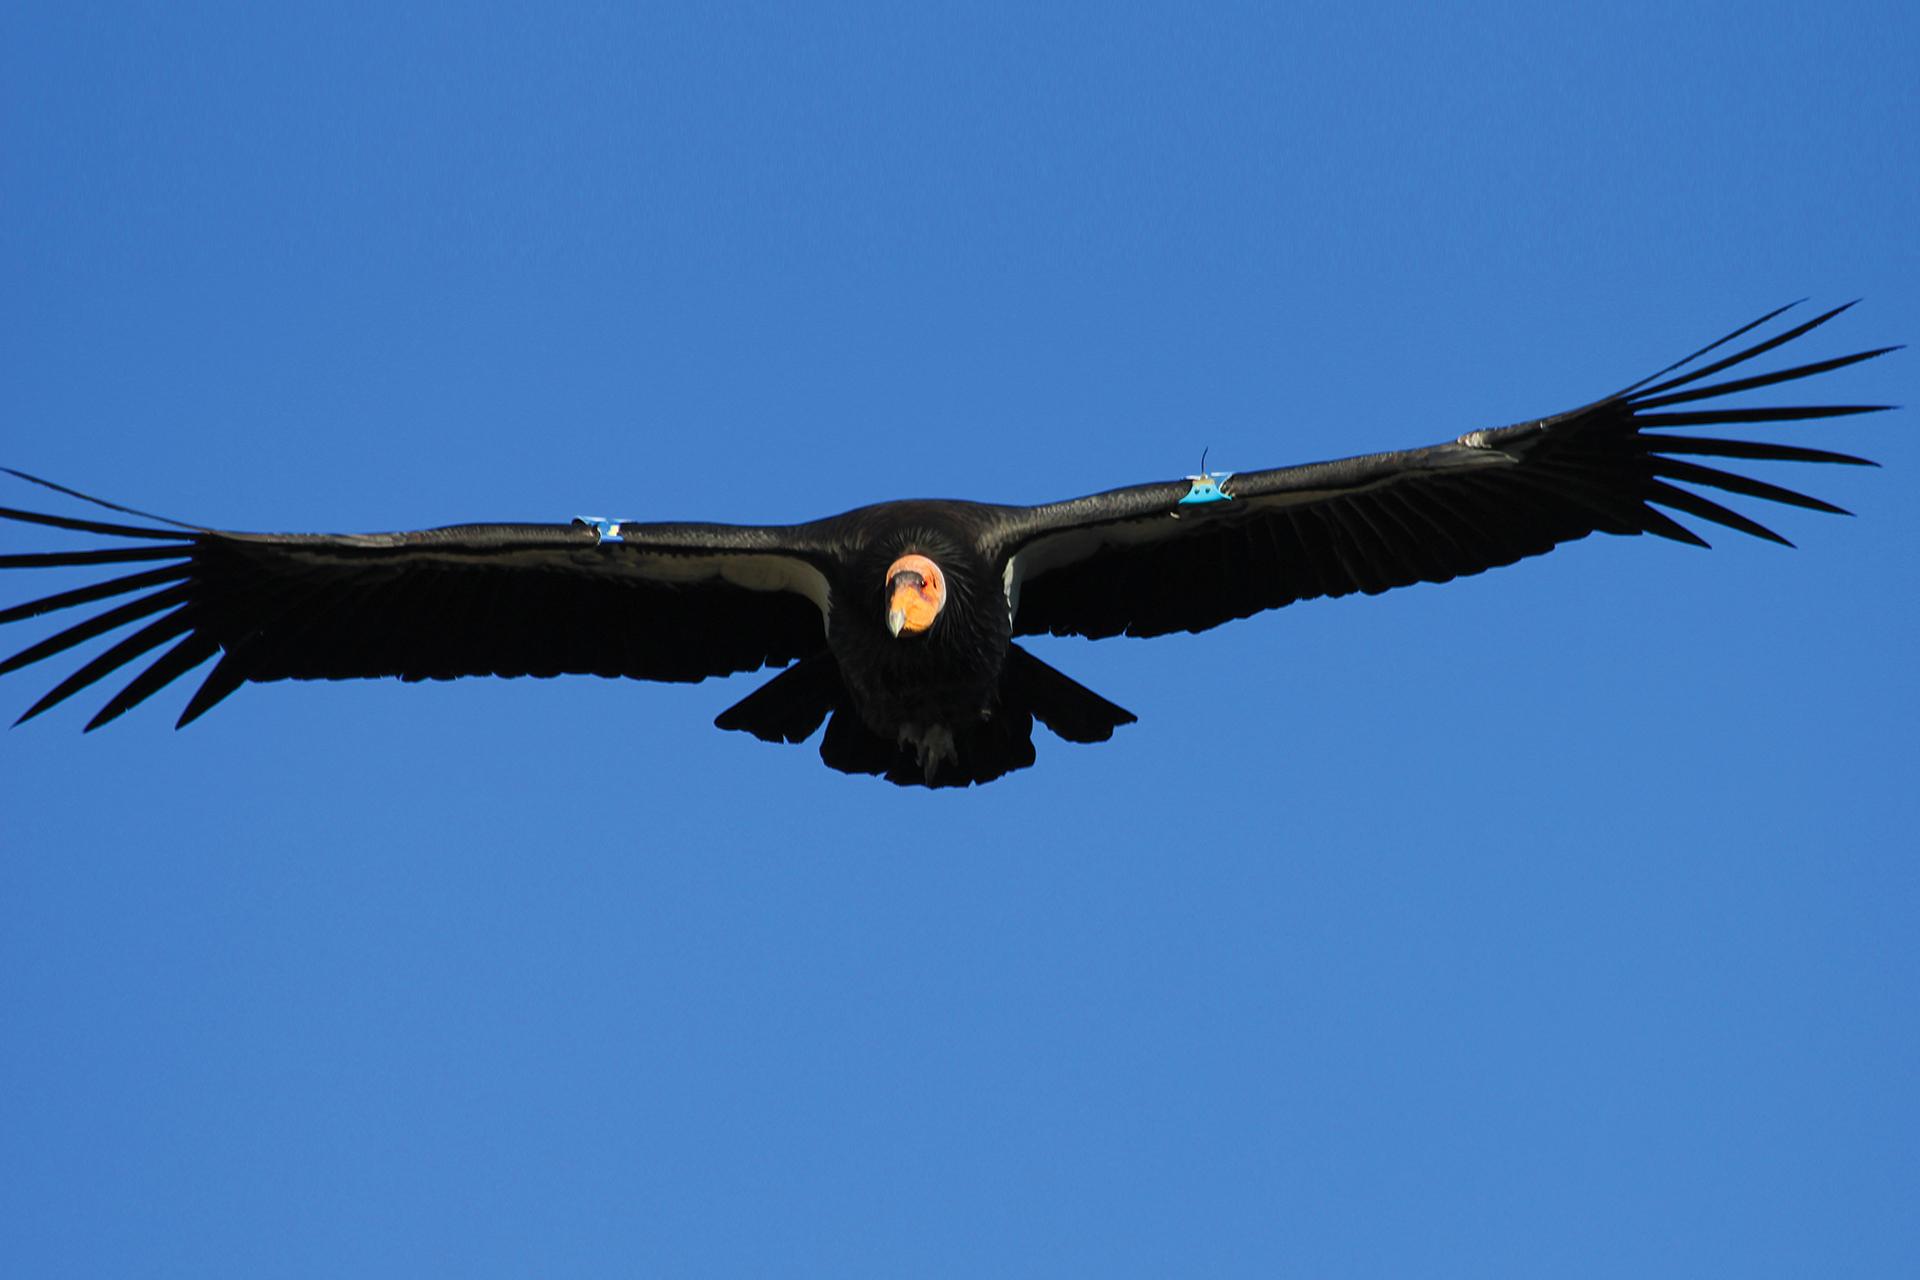 Cóndor de California en vuelo. San Pedro Mártir, BC, México